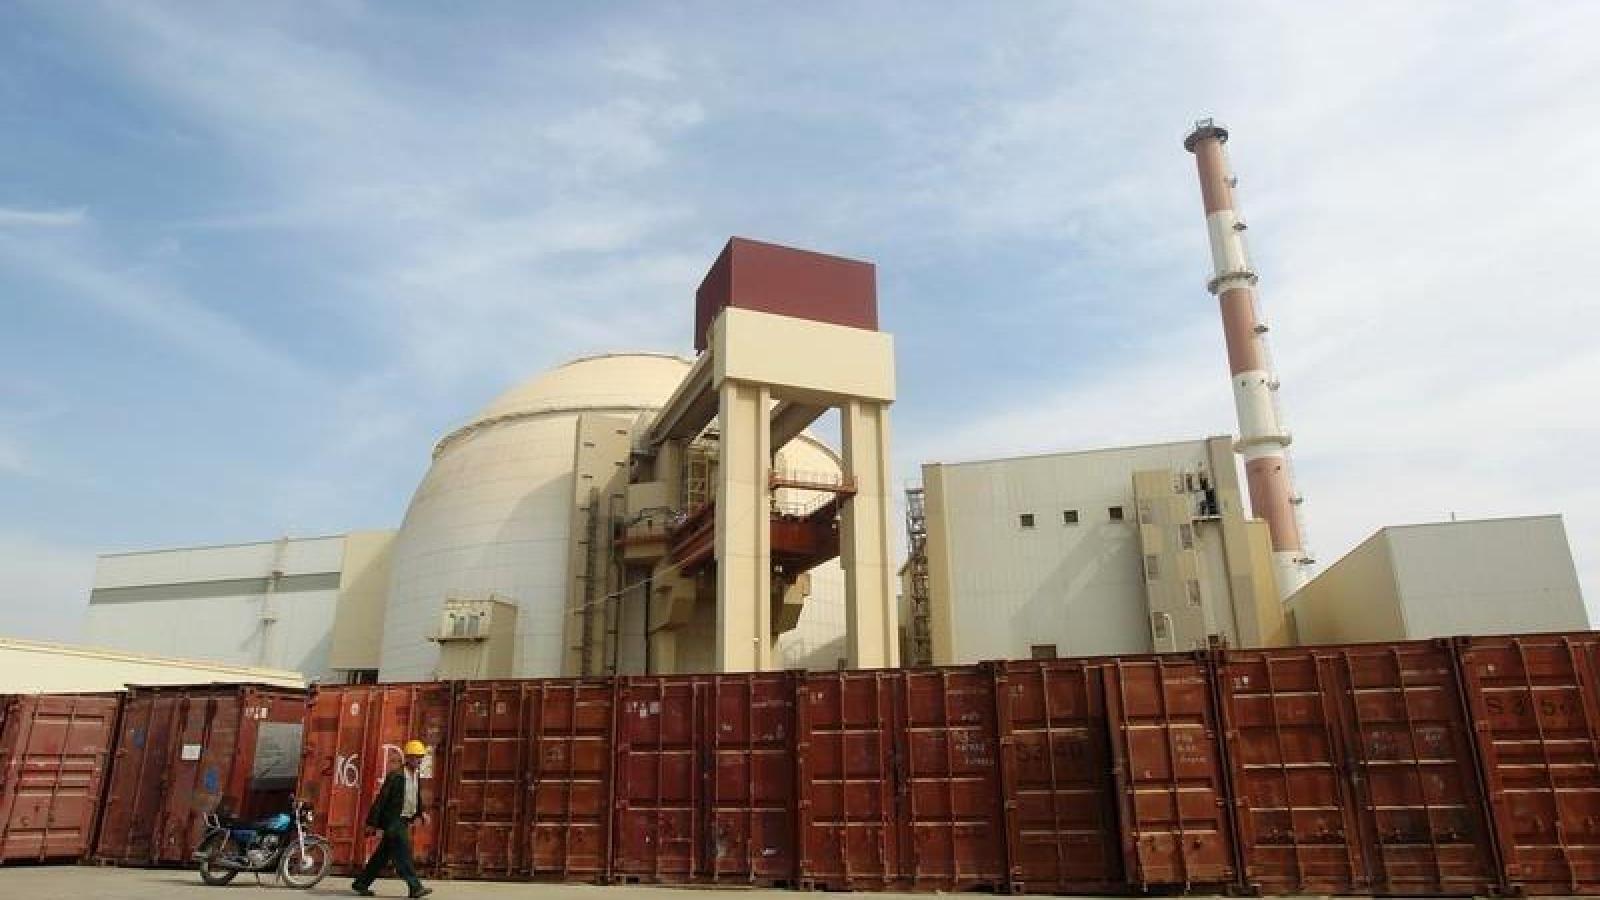 Mỹ và châu Âu lo ngại Iran ngày càng rời xa thỏa thuận hạt nhân